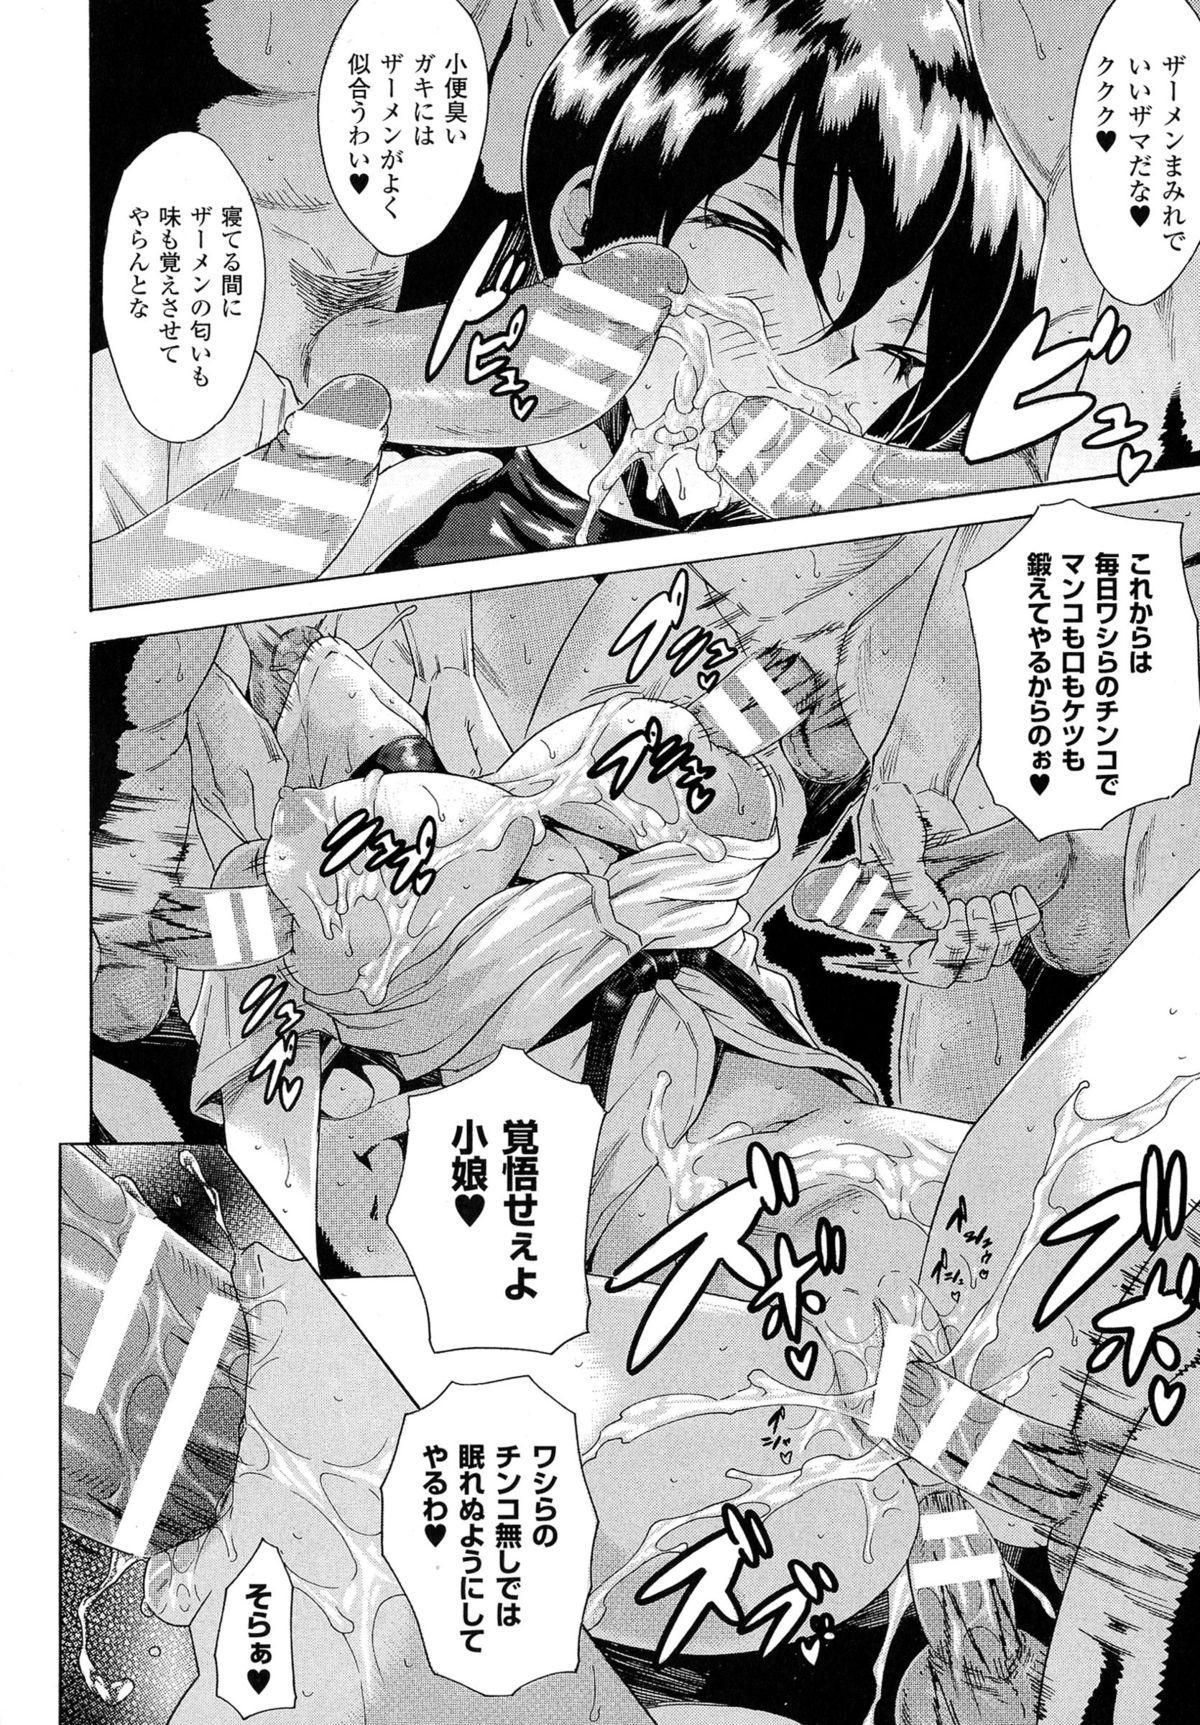 Kachiki na Onna ga Buzama na Ahegao o Sarasu made 157